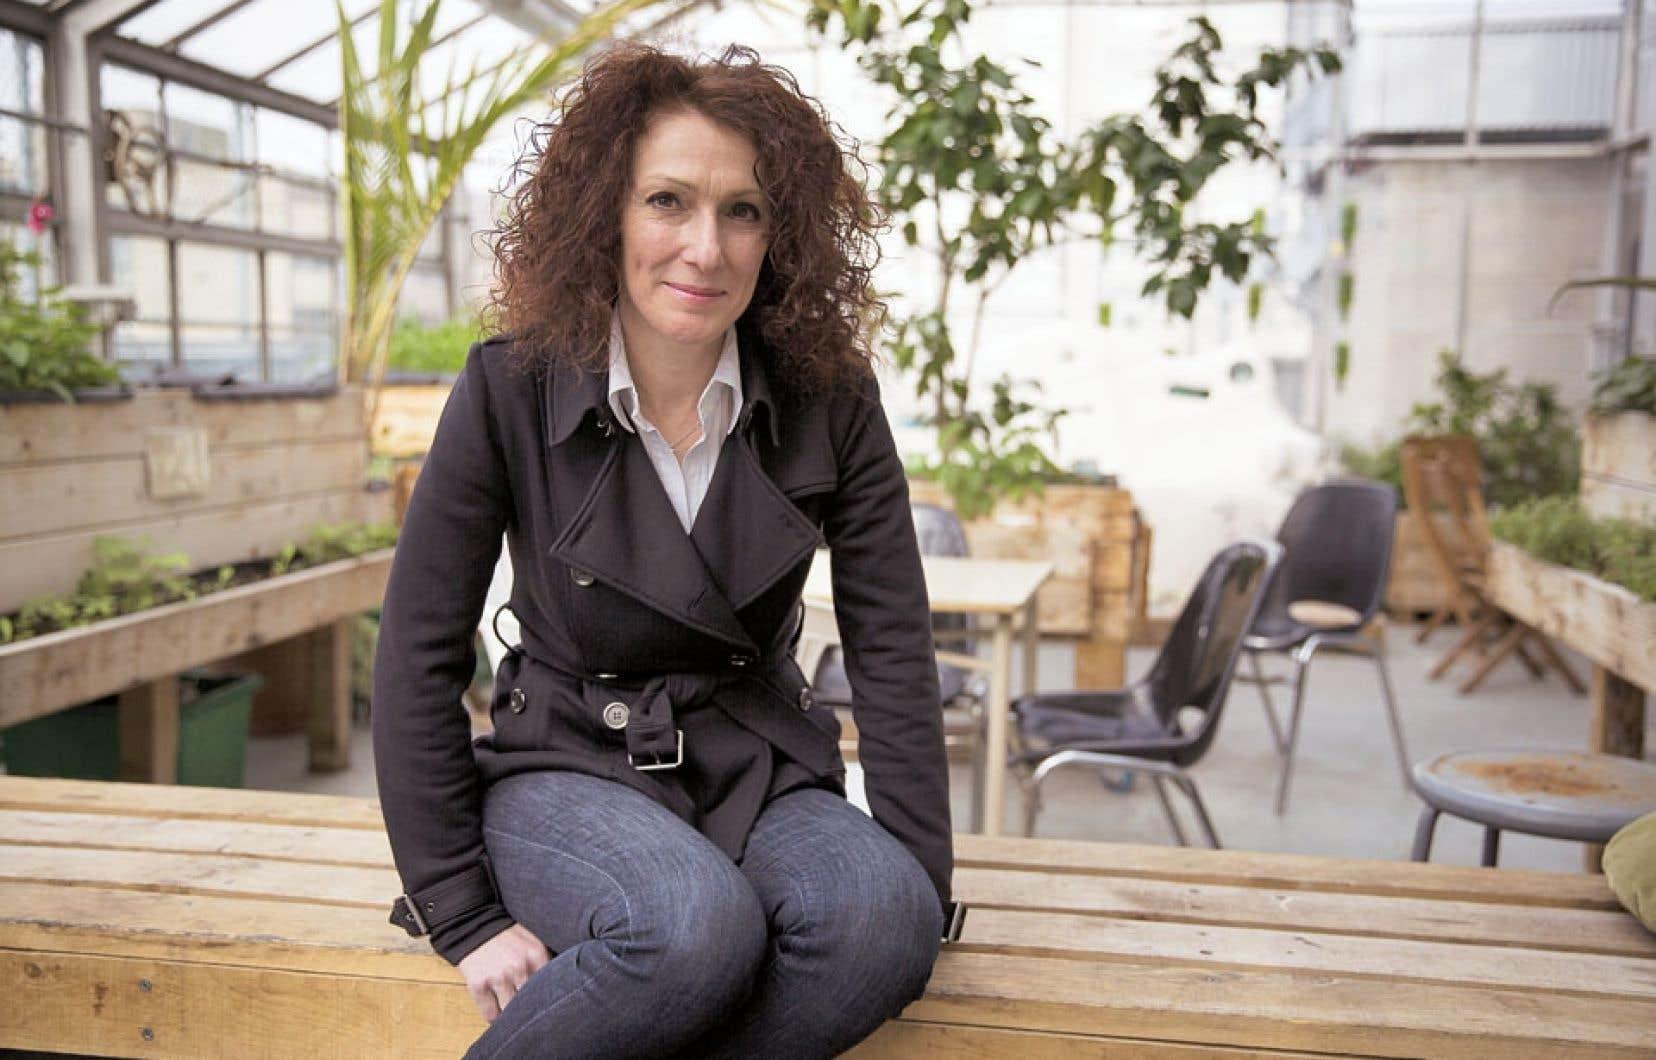 Carmela Cucuzzella : « Nous devons prendre du recul et nous demander si, au-delà des chiffres et des listes de critères, il est logique de certifier un édifice. »